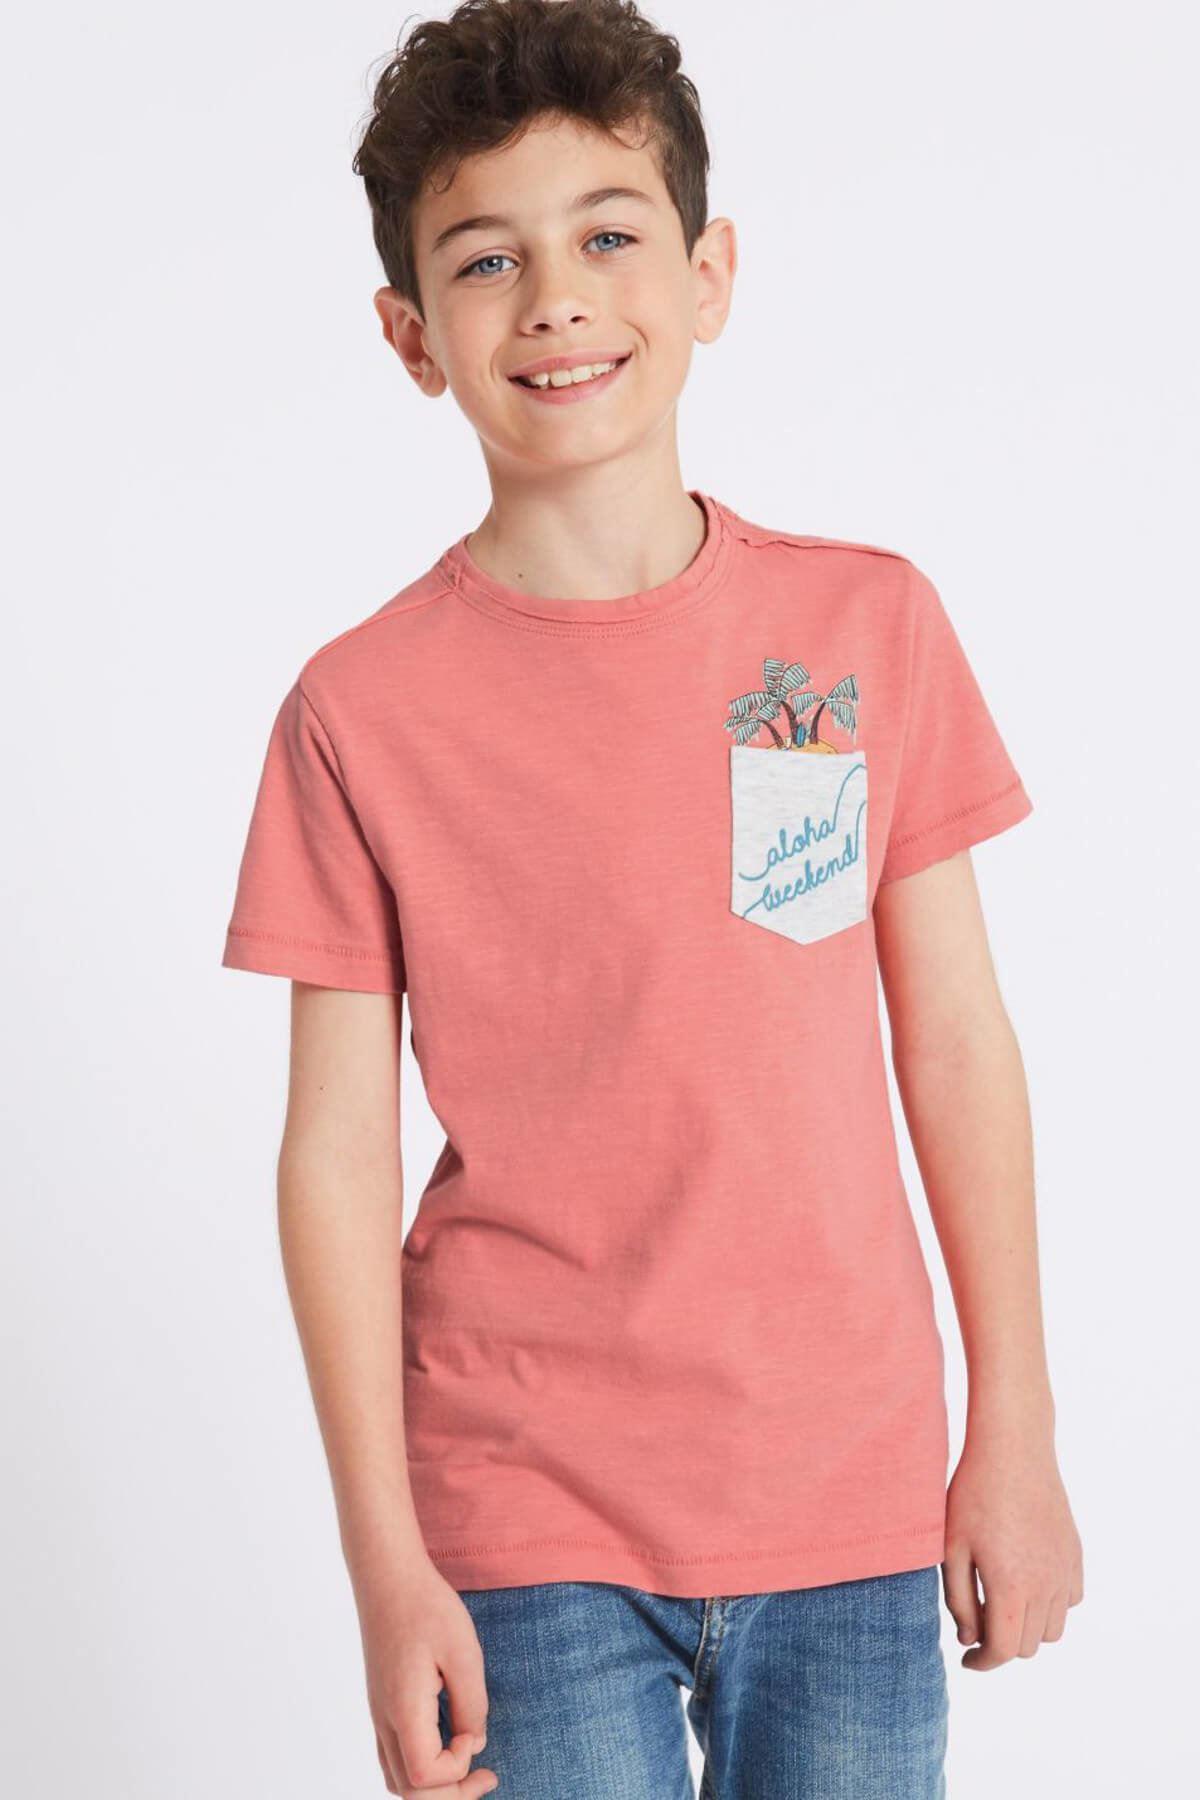 Multi Renk Erkek Çocuk 2'li Saf Pamuklu T-Shirt